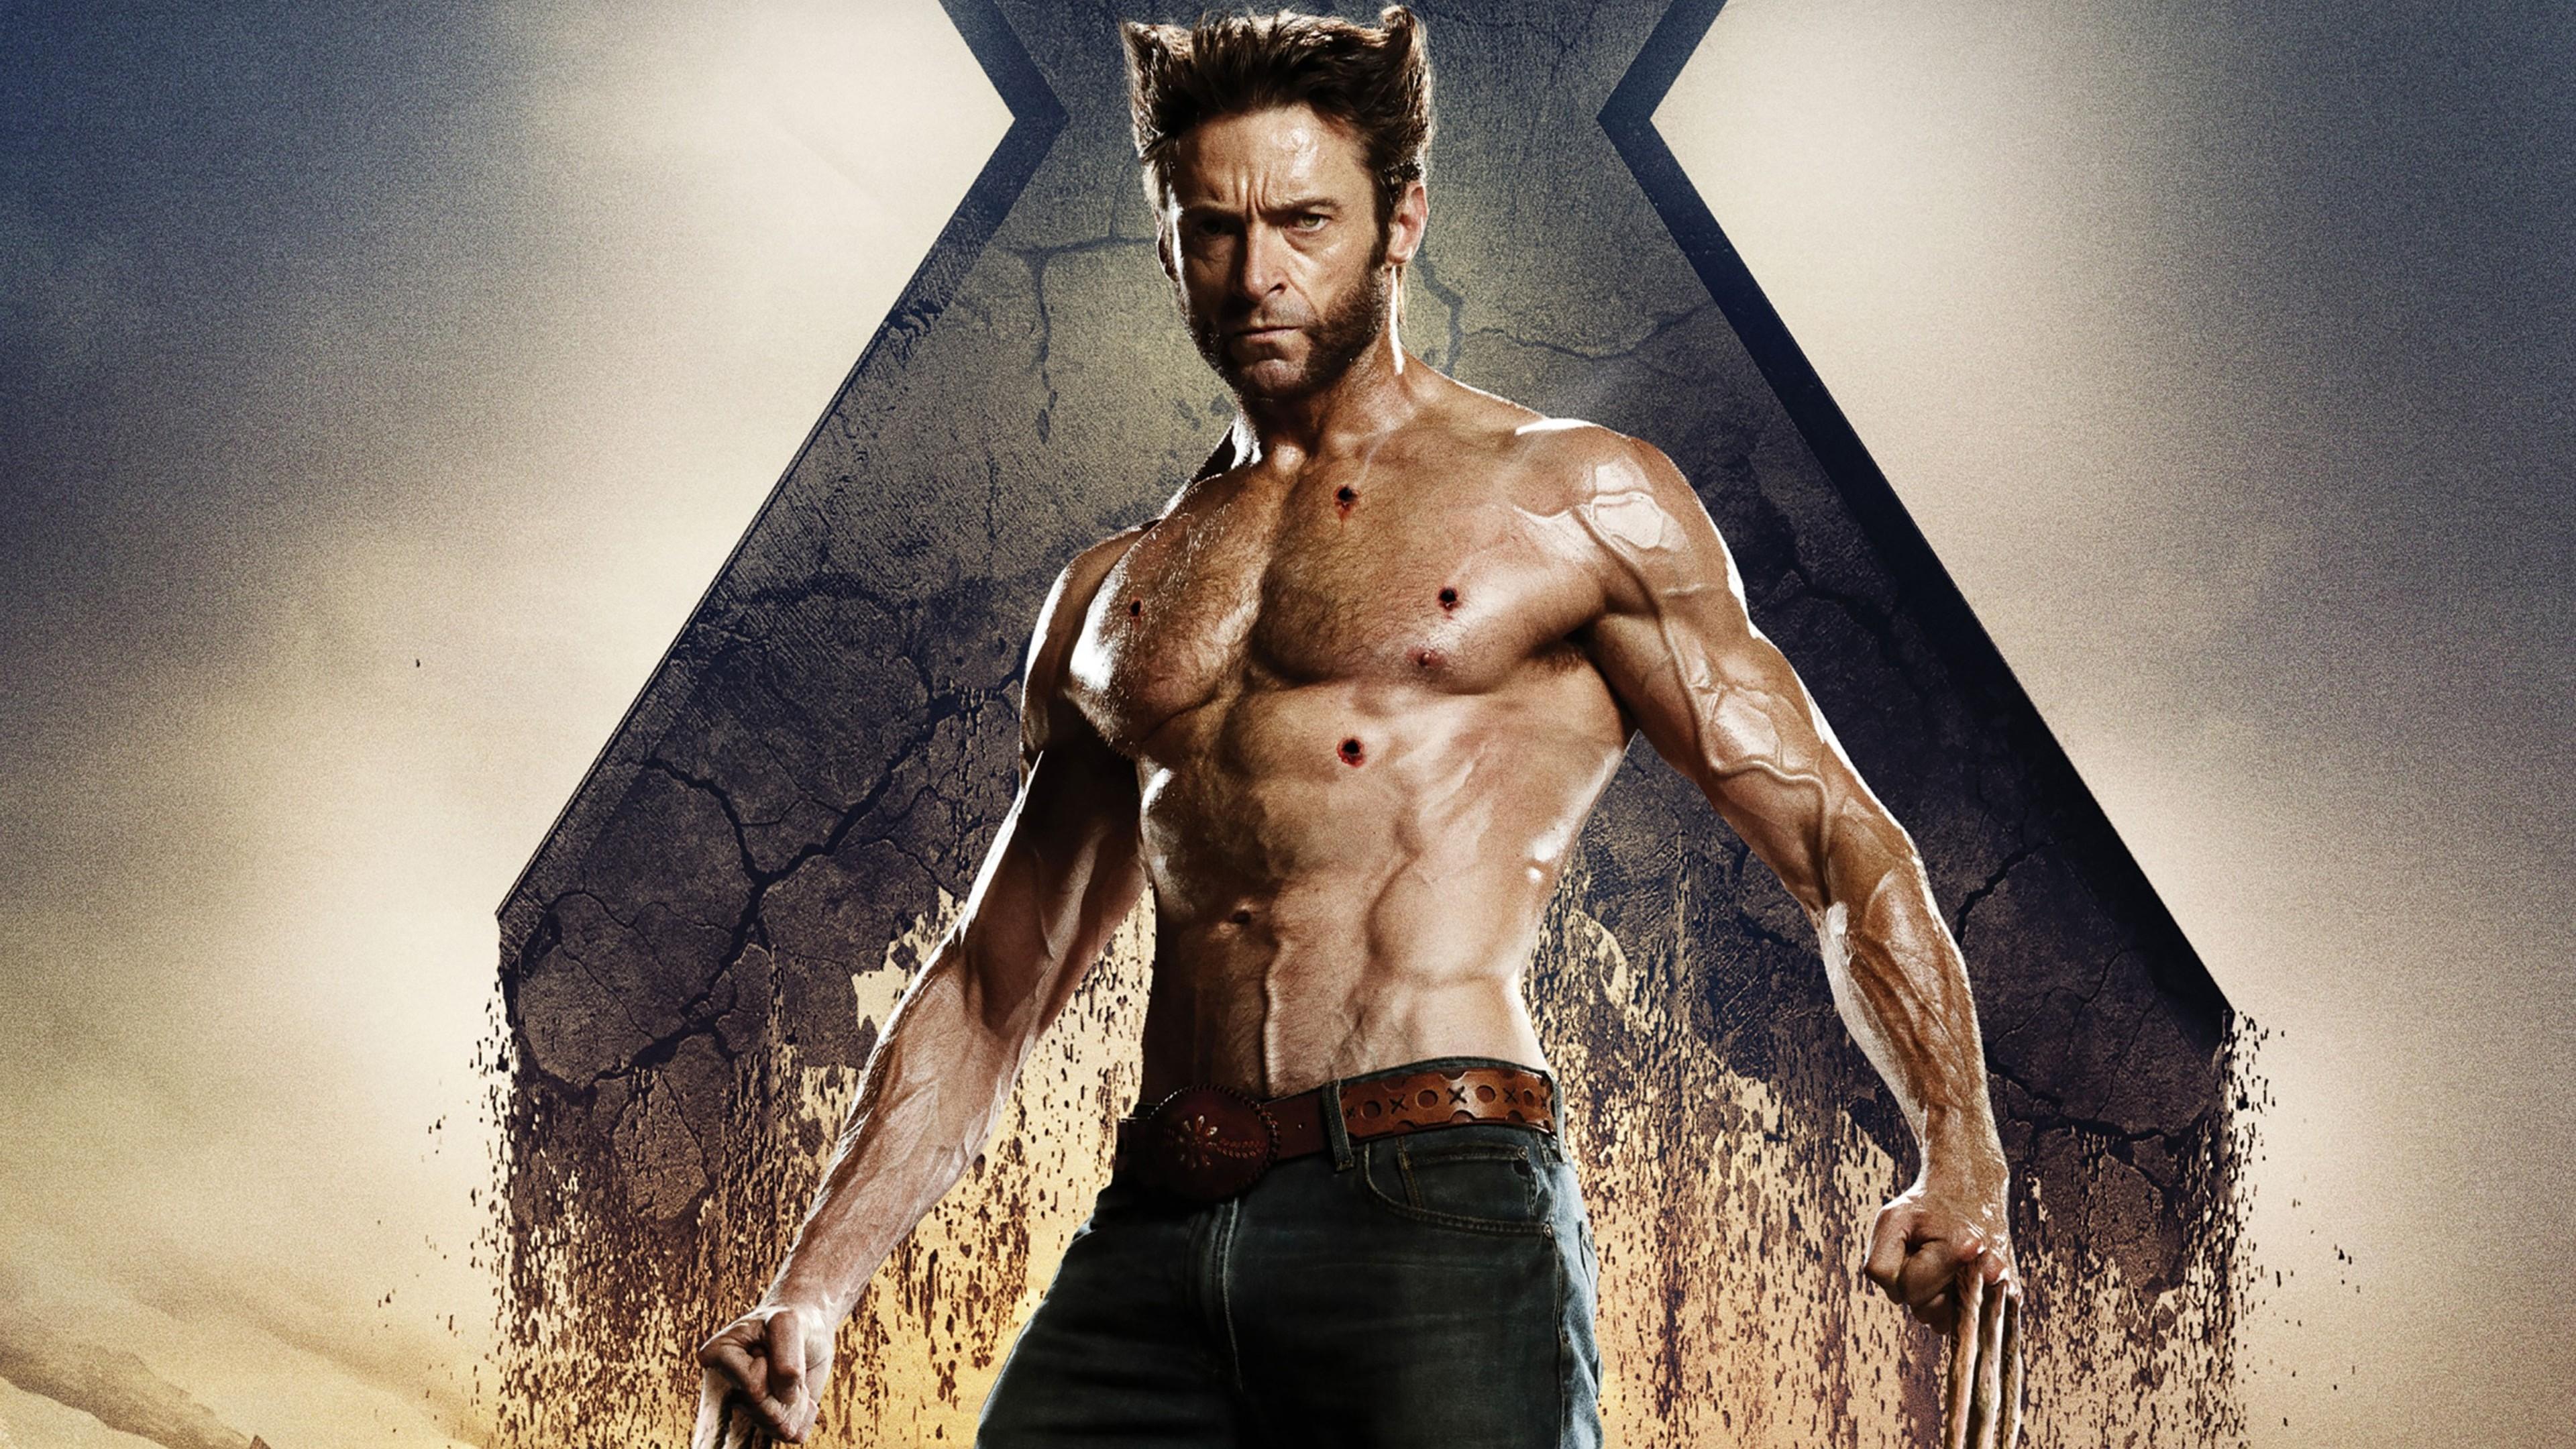 actor hugh jackman wolverine depth of field x men men Wallpapers HD